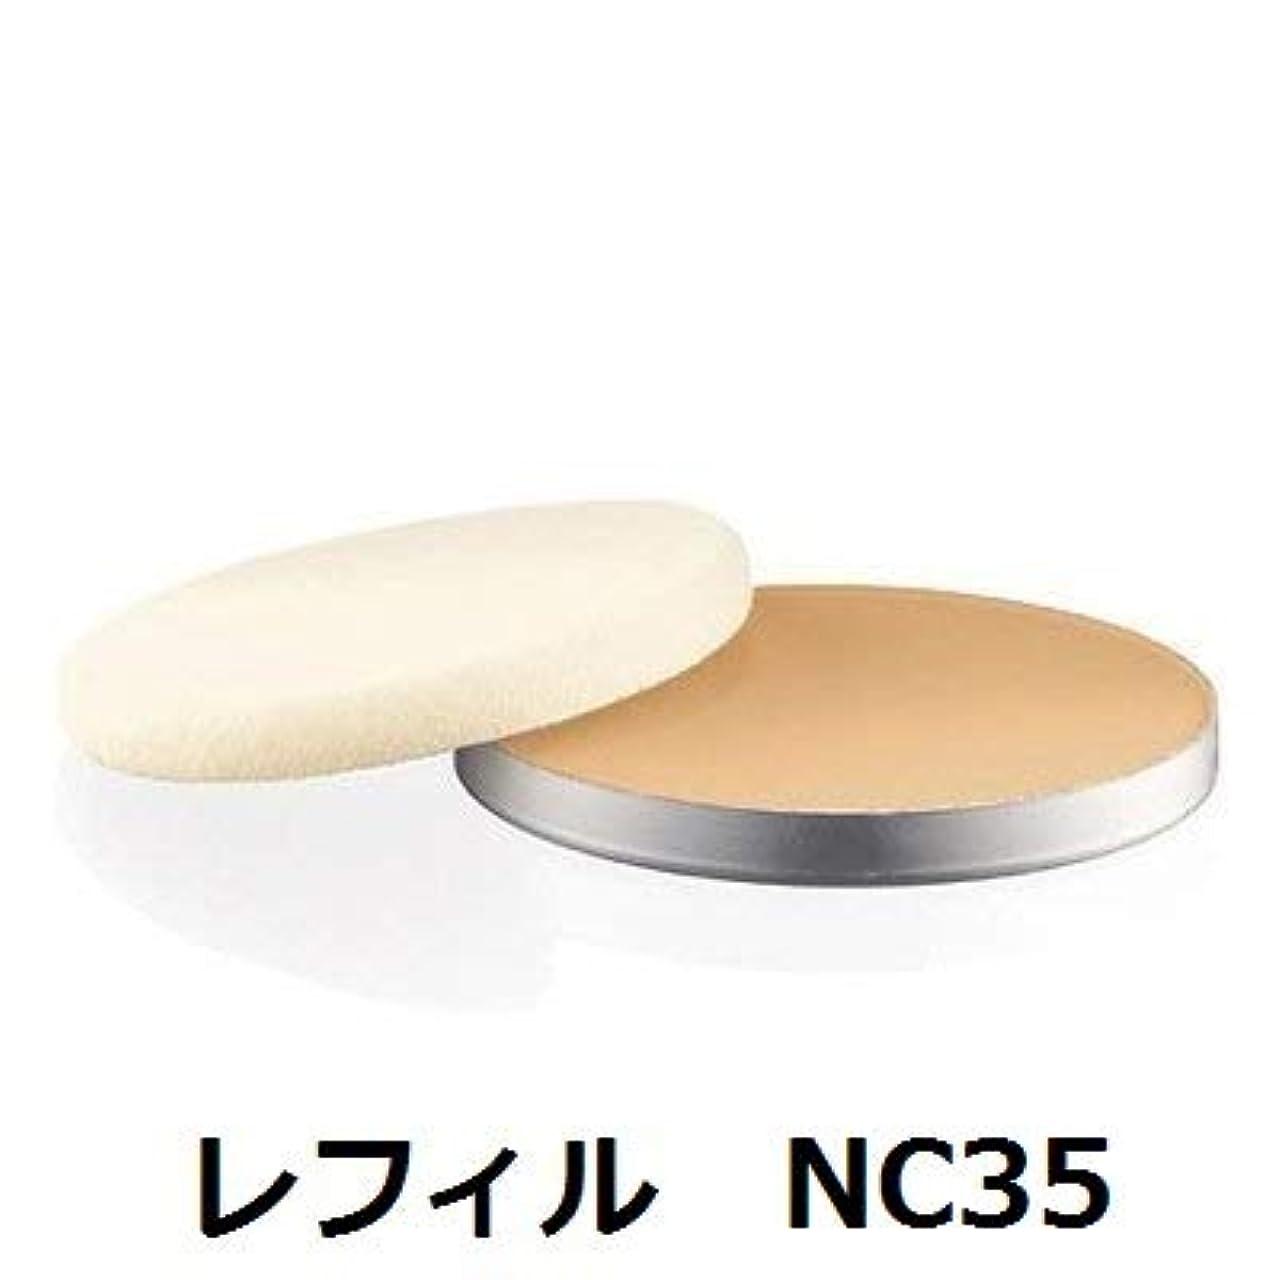 優先権毒性れんがマック(MAC) ライトフルC+SPF 30ファンデーション レフィル #NC35 14g [並行輸入品]